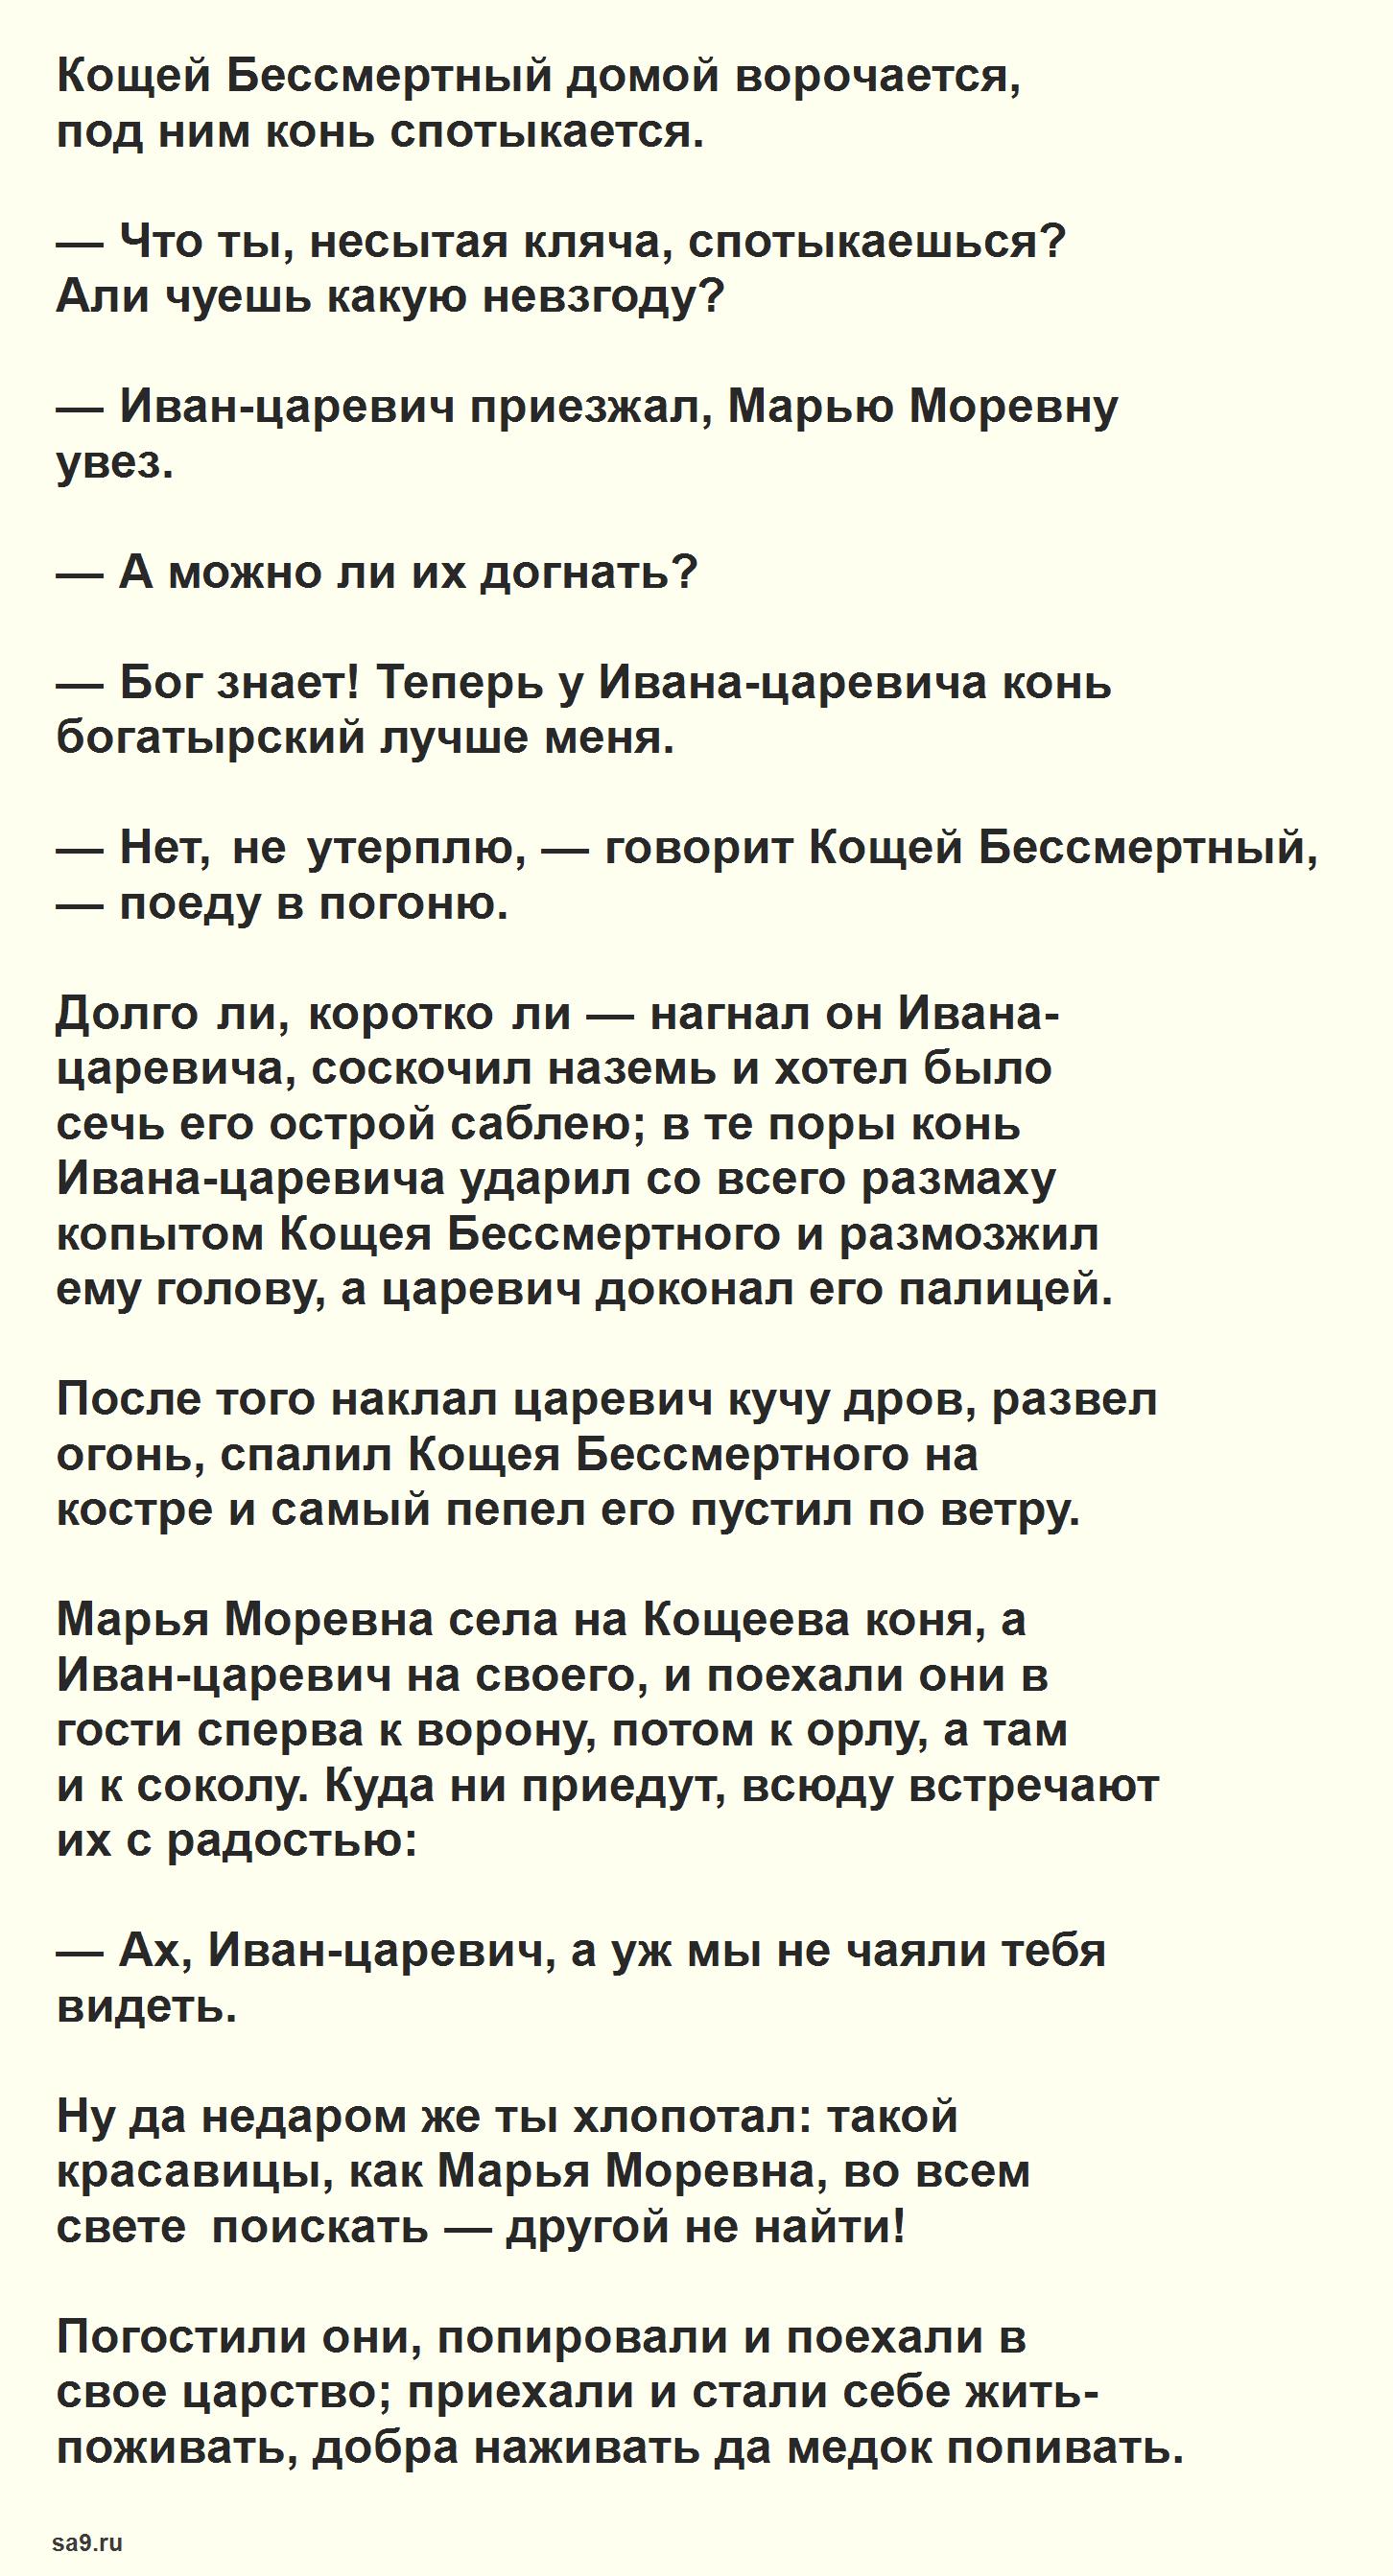 Марья Моревна - русская народная сказка, читать полностью